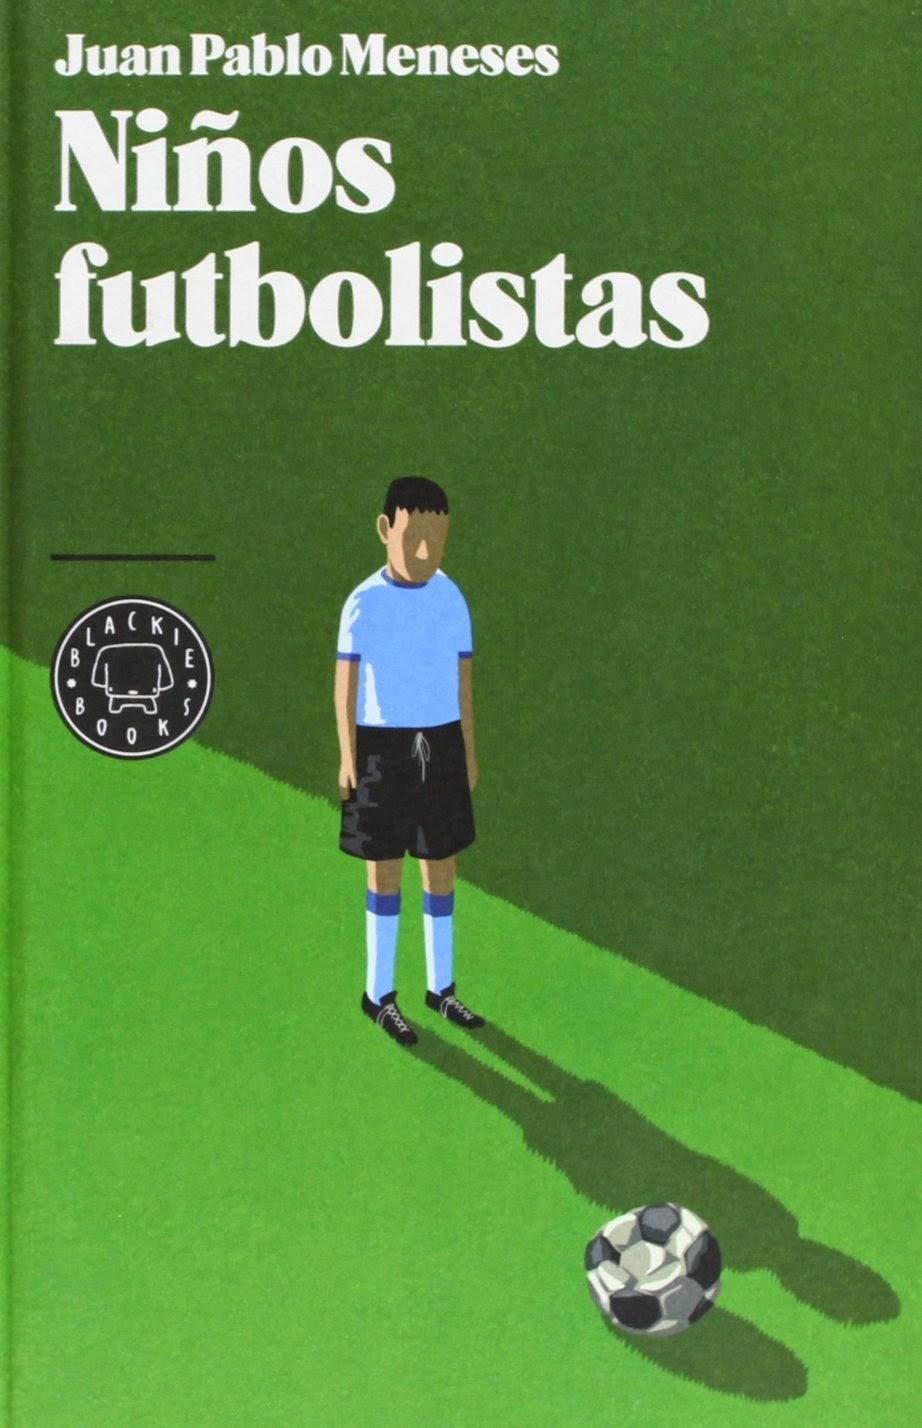 Niños Futbolistas Juan Pablo Meneses Messi Alexis Sánchez Libro